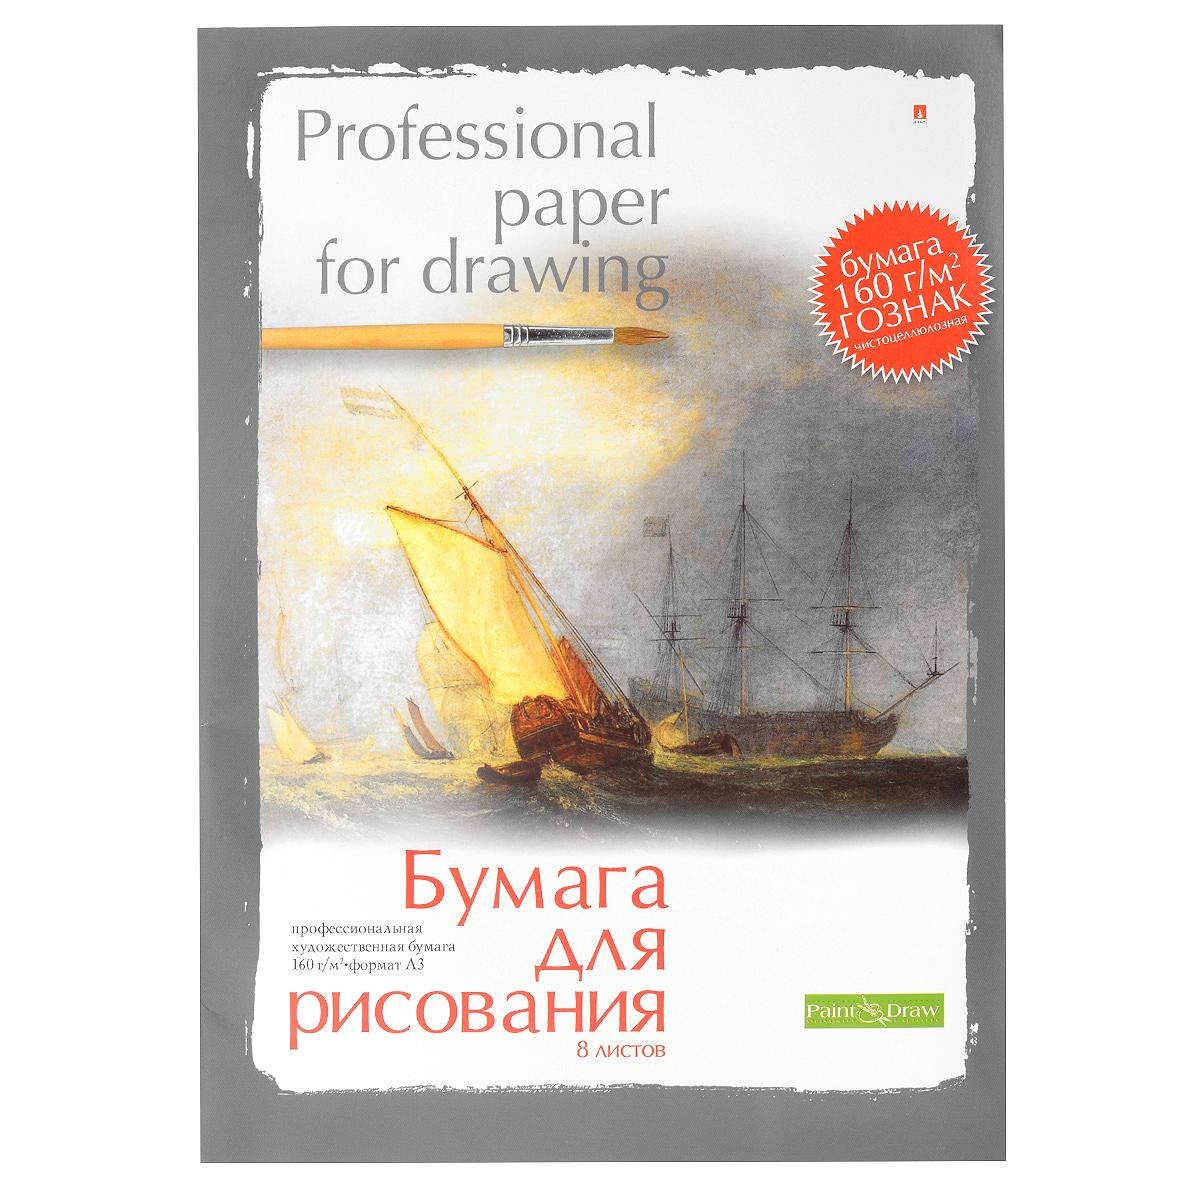 Бумага для акварели Альт, 8 листов, форматА3LL-CC-8/8Бумага для акварели Альт предназначена для использования профессиональными художниками, дизайнерами, иллюстраторами. Высококачественная бумага, специально разработанная для письма акварелью.Бумага соответствует всем стандартам качества и имеет плотность 160 г/кв м.